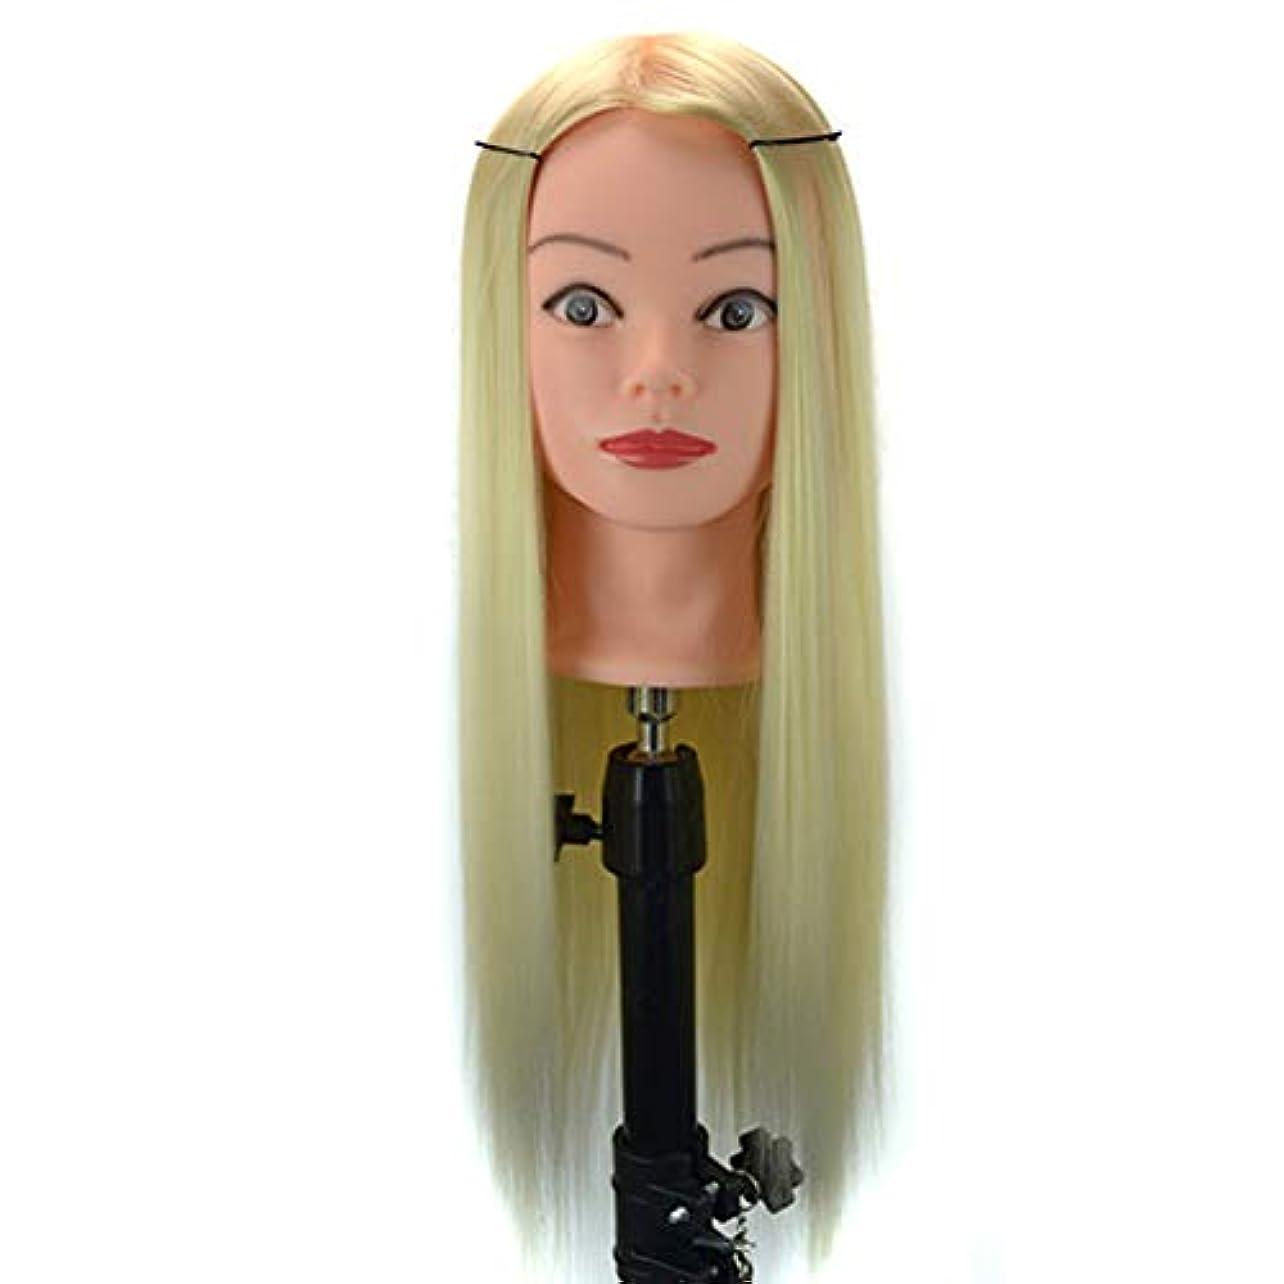 出席副産物幸福高温ワイヤートレーニングヘッド理髪マネキン人形ヘッドメイクプレートヘアー練習帽子ジュエリーディスプレイヘッド金型,offwhite